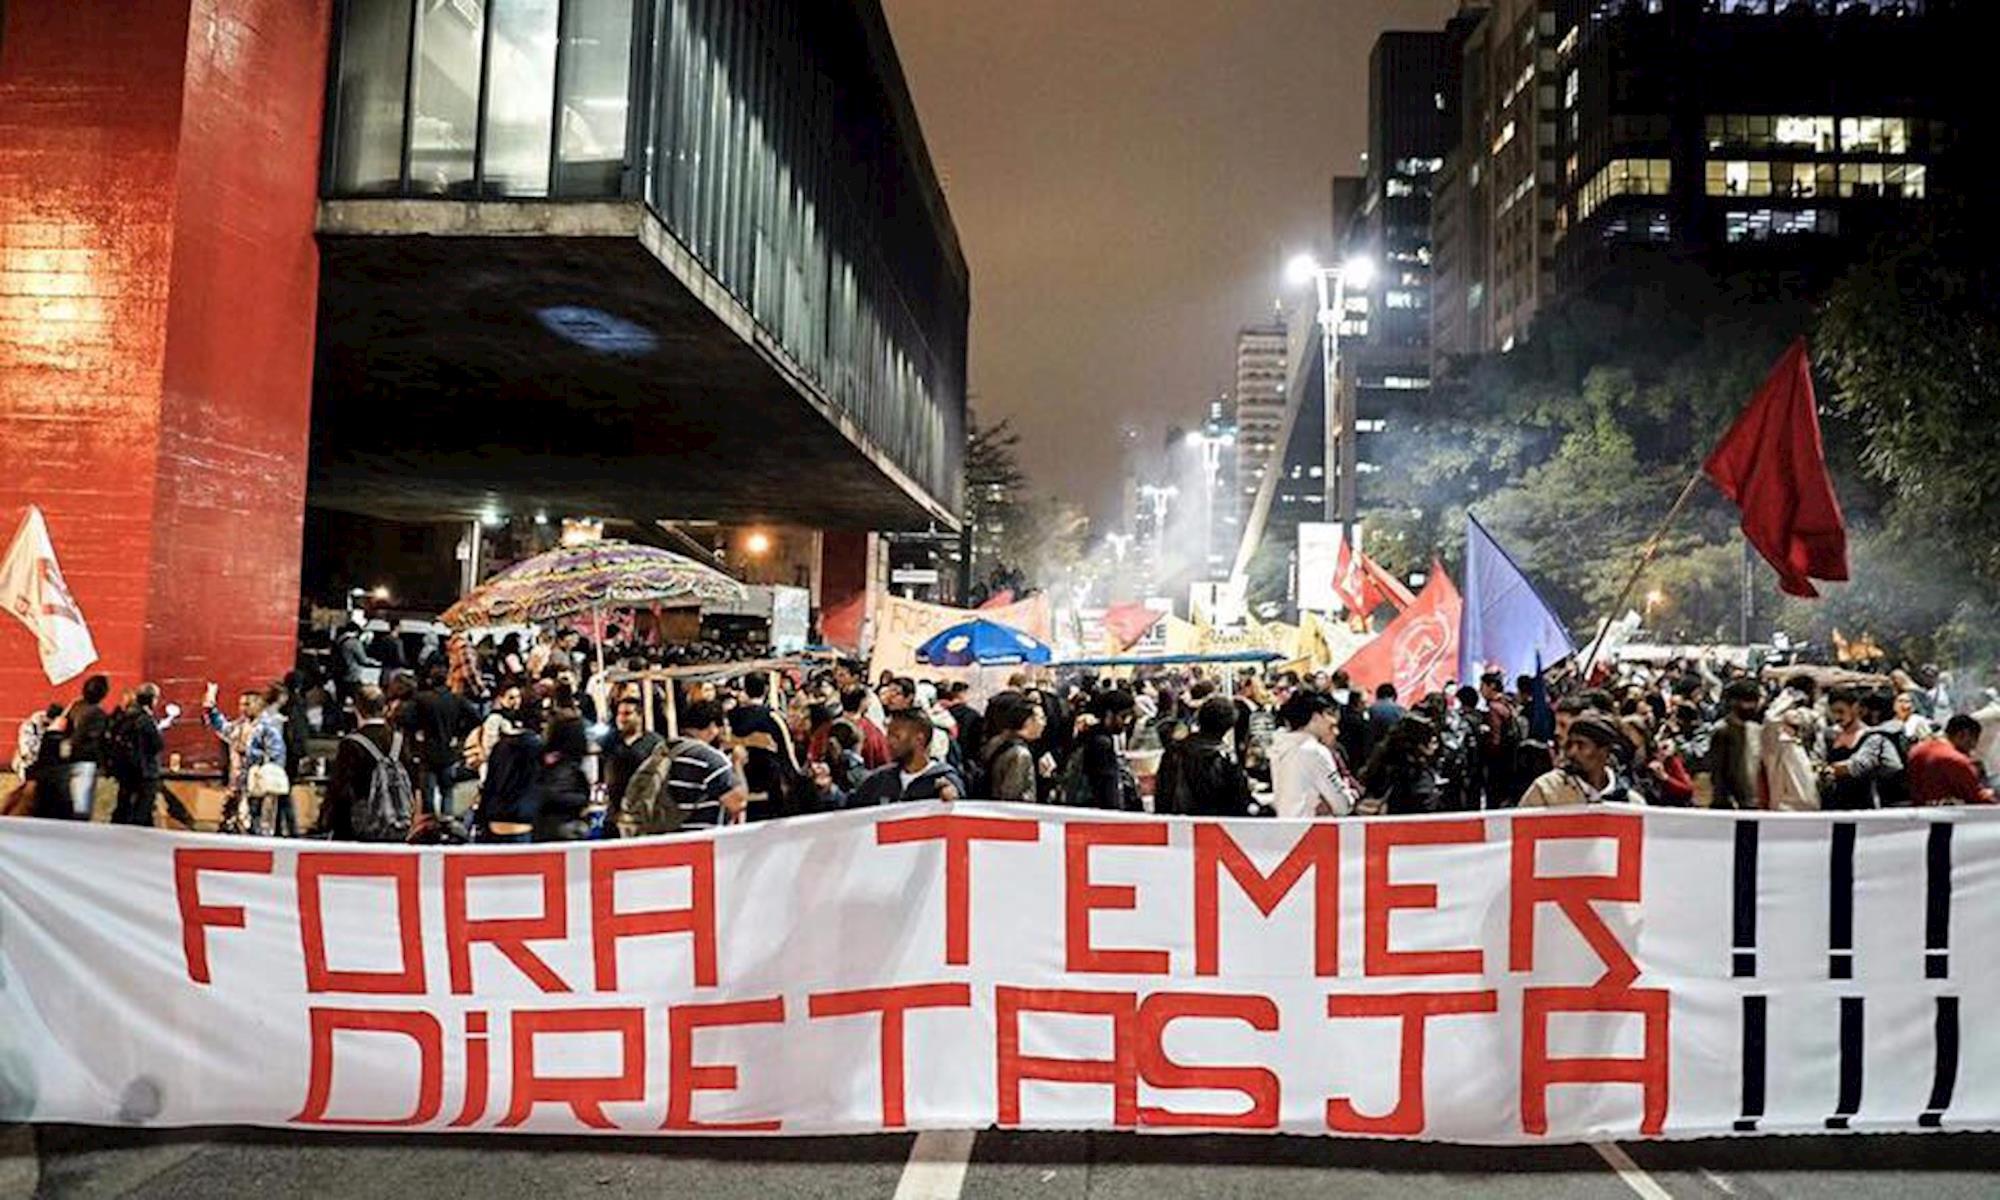 temer, diretas, manifestação, Tiago Macambira/Jornalistas Livres